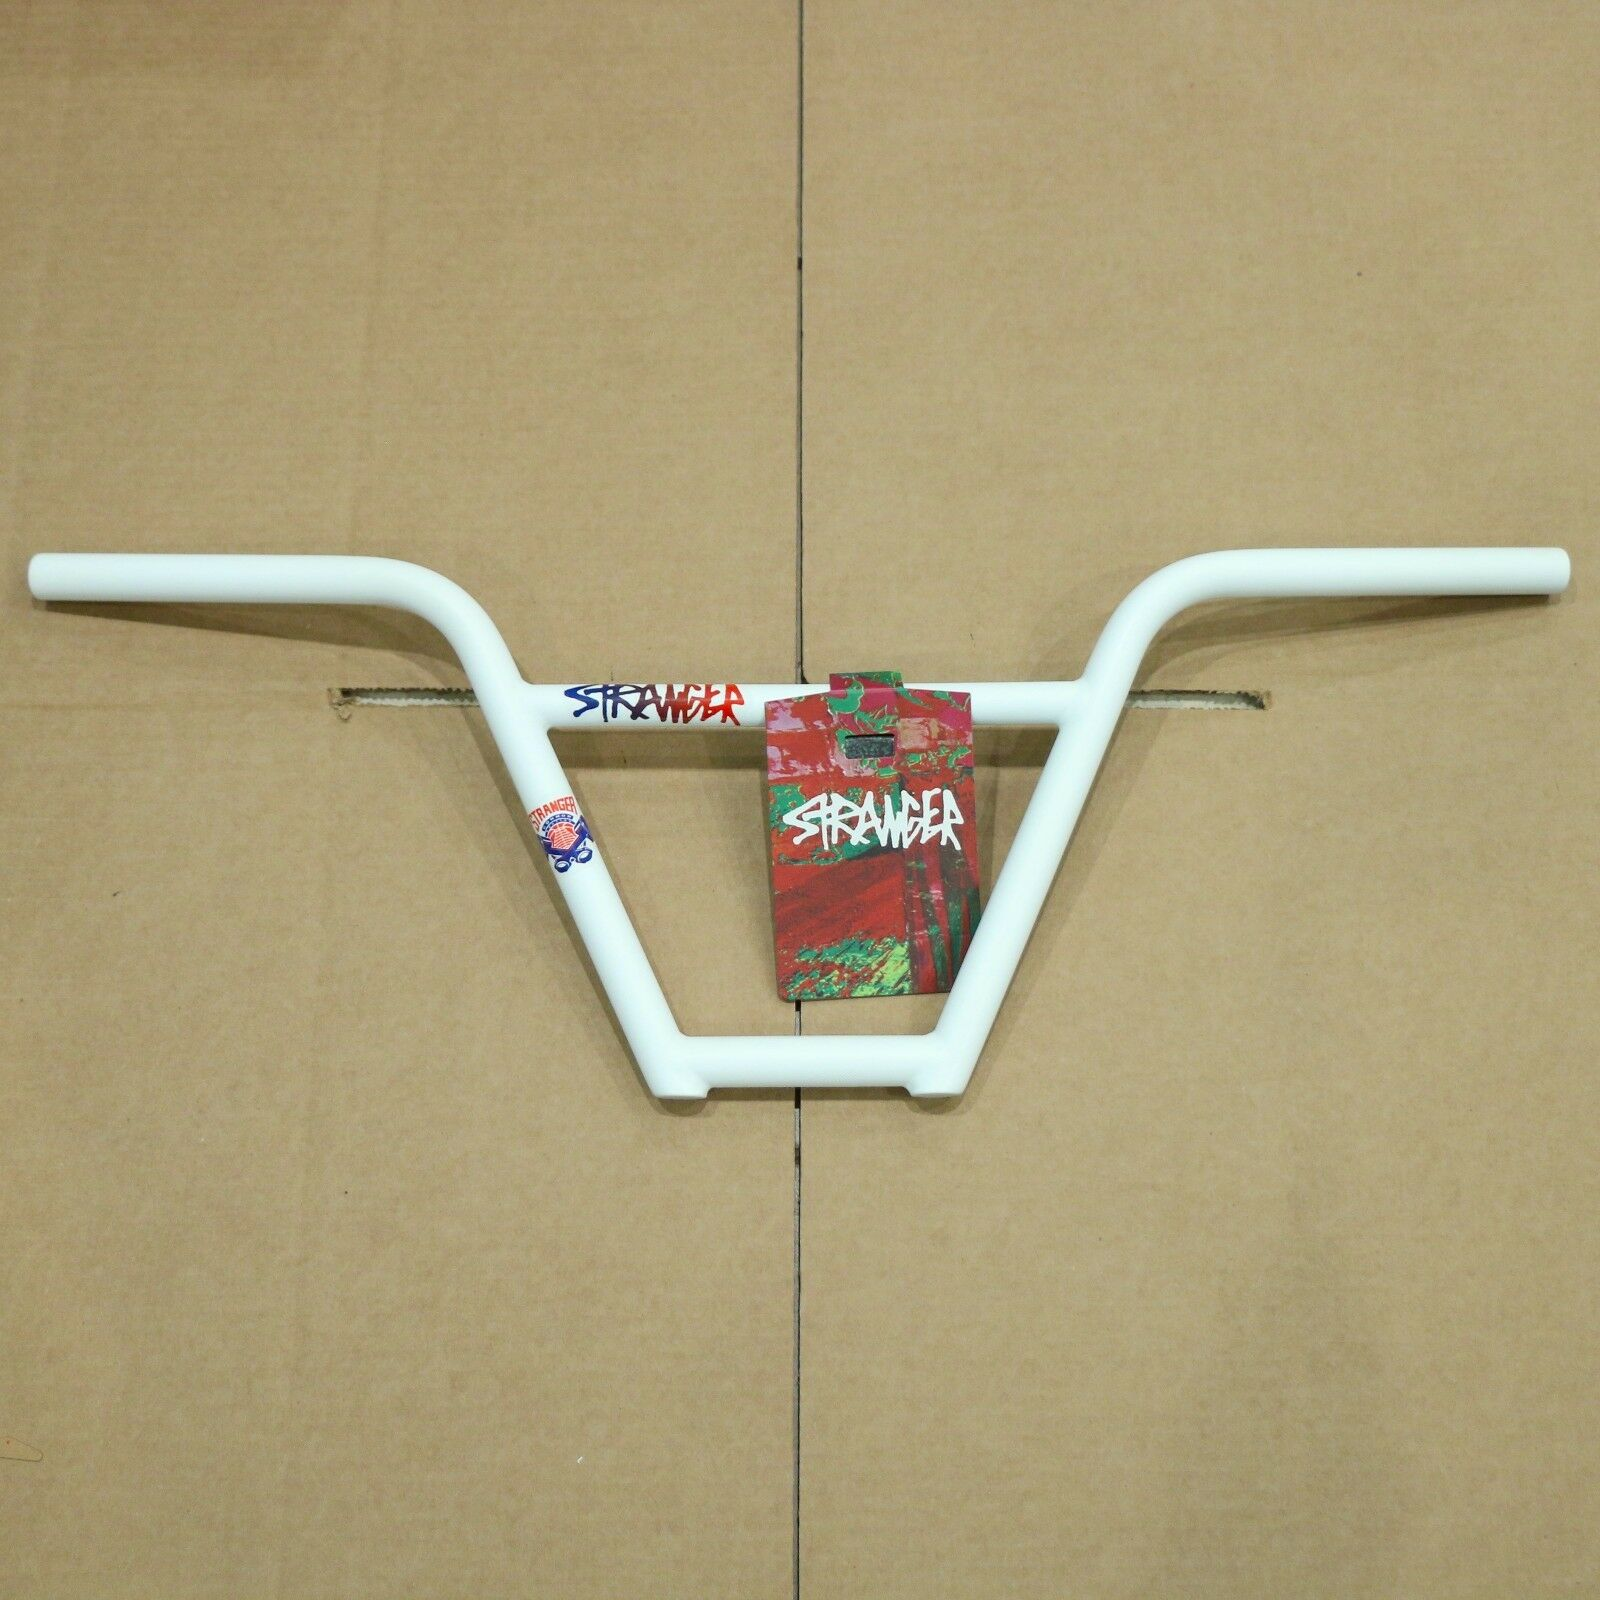 STRANGER PISTON 4pc BAR WHITE 9.25  Rise BMX BIKE HANDLEBARS CONNOR KEATING